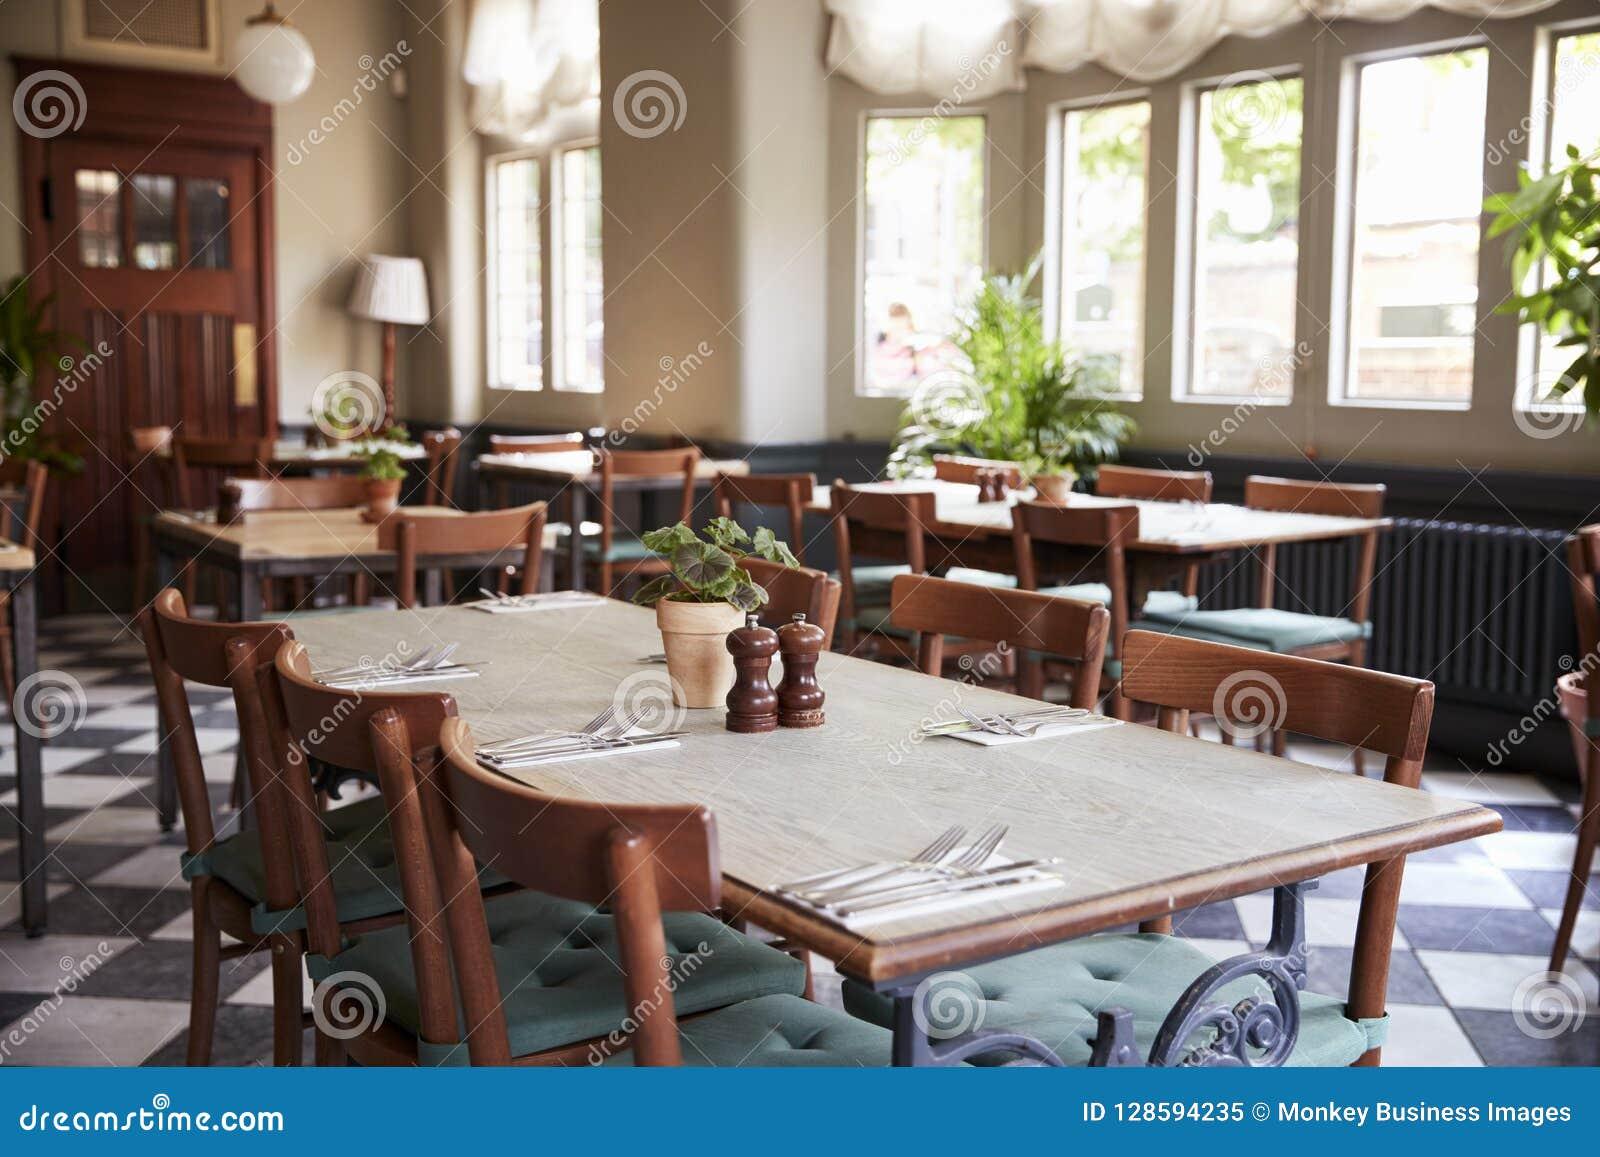 1a2afce24877 Tablas Puestas Para El Servicio En Restaurante Vacío Imagen de ...